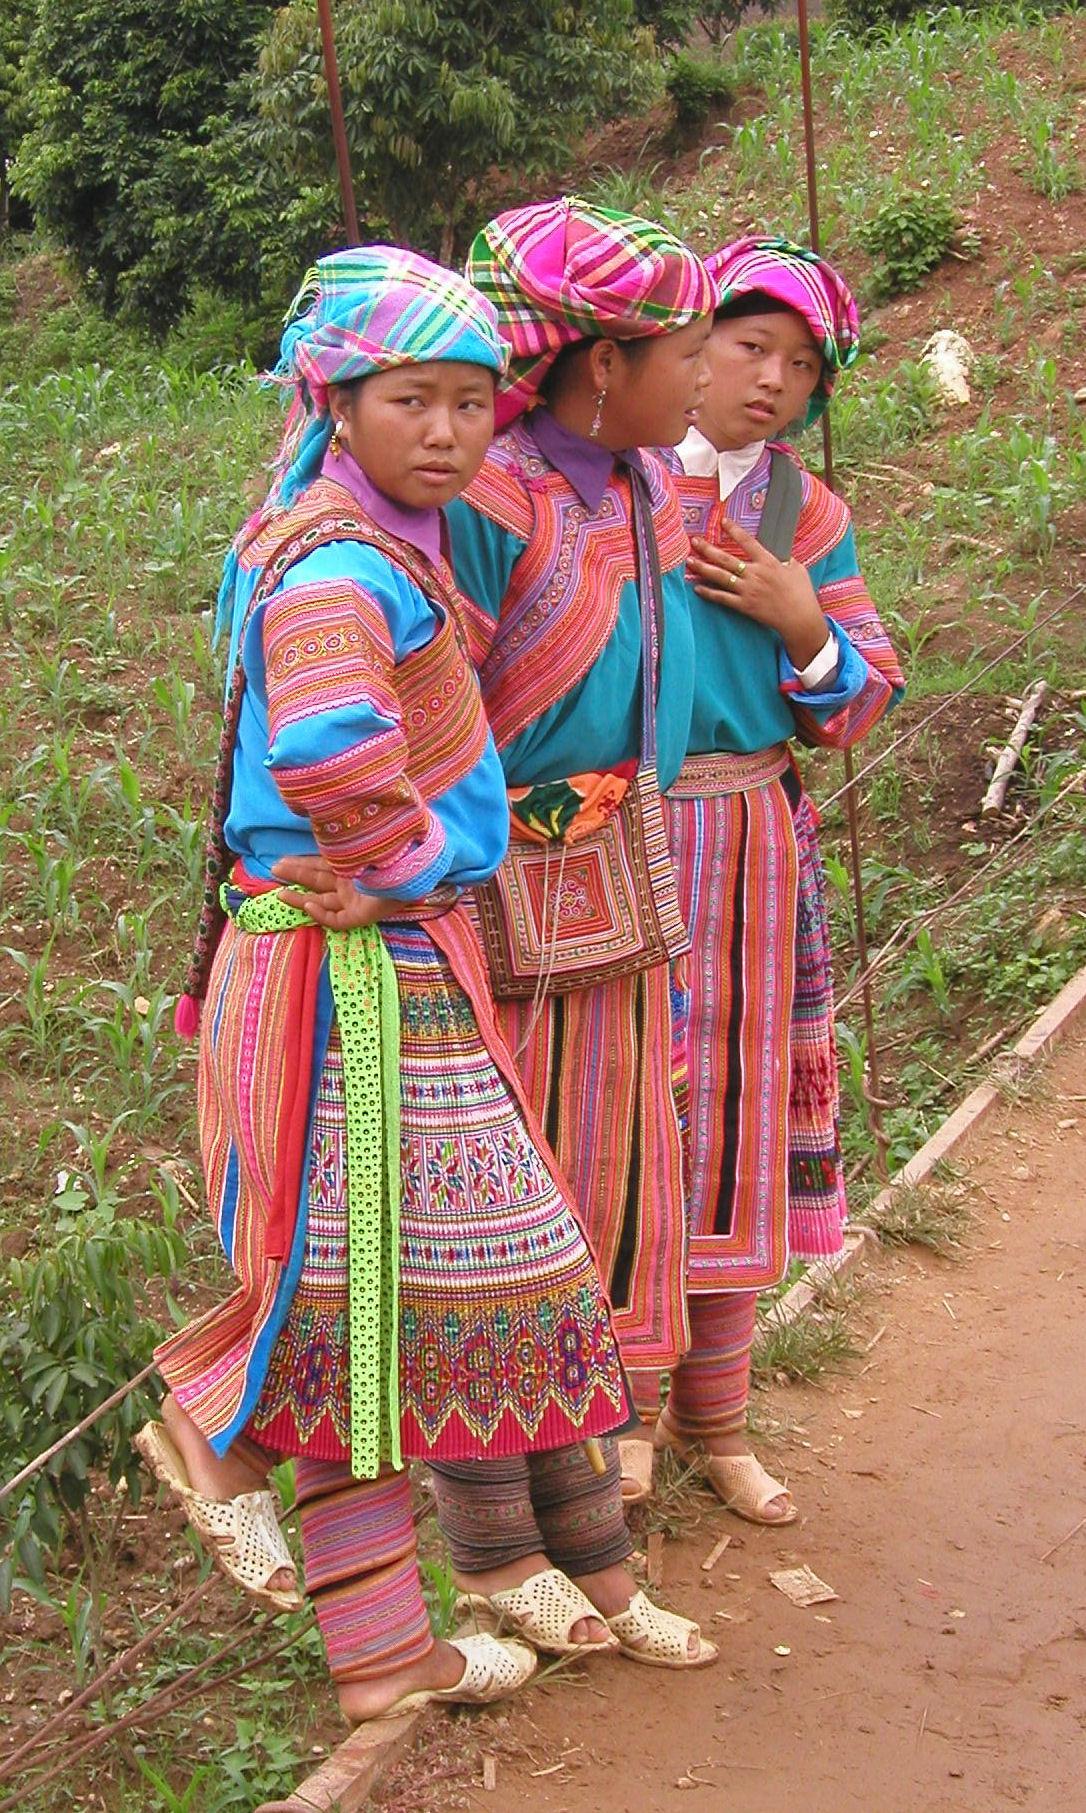 Hmong women dating